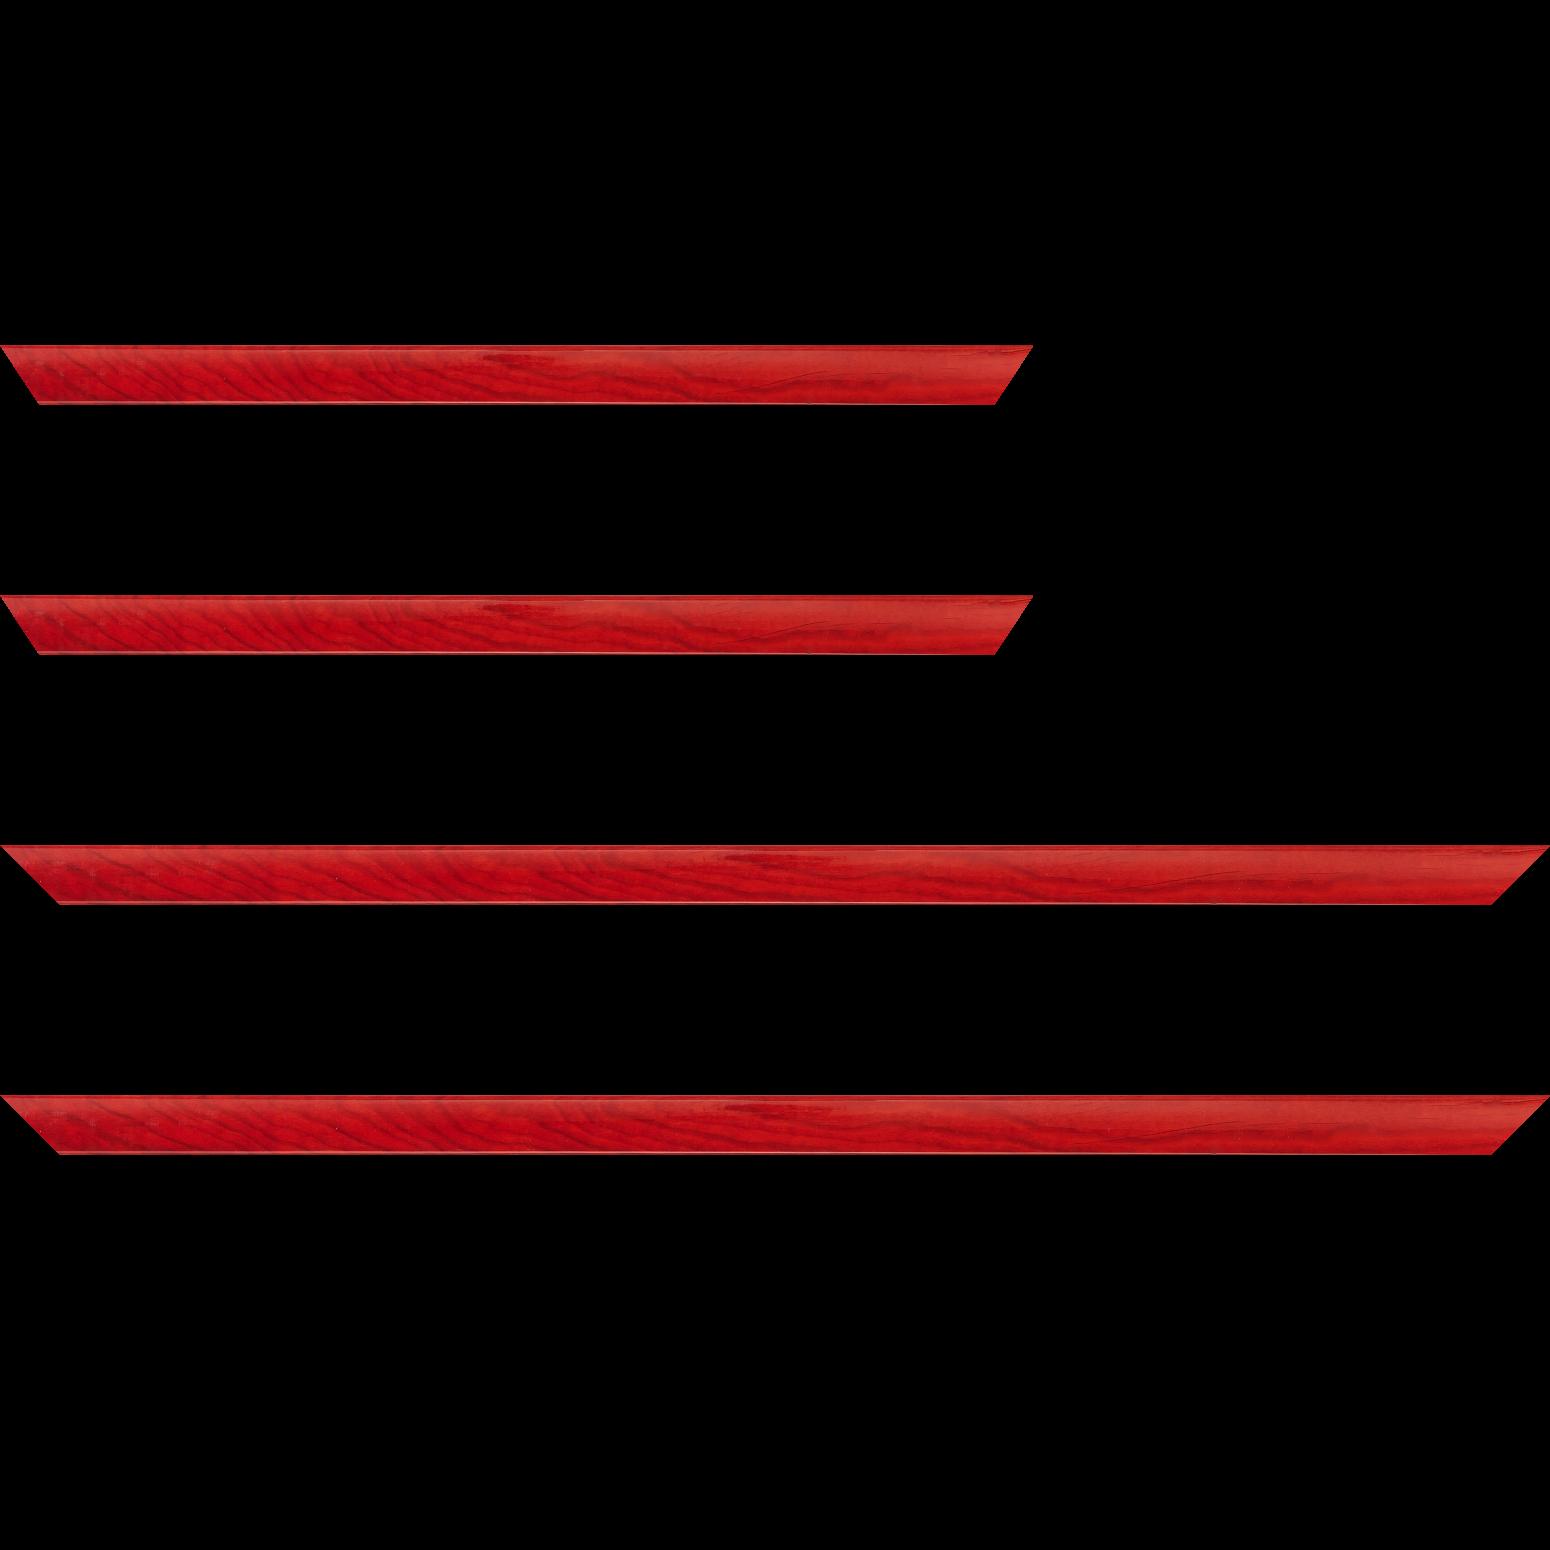 Baguette service précoupé Bois profil arrondi plongeant largeur 2cm couleur rouge vernis sur pin (veine du bois apparent)